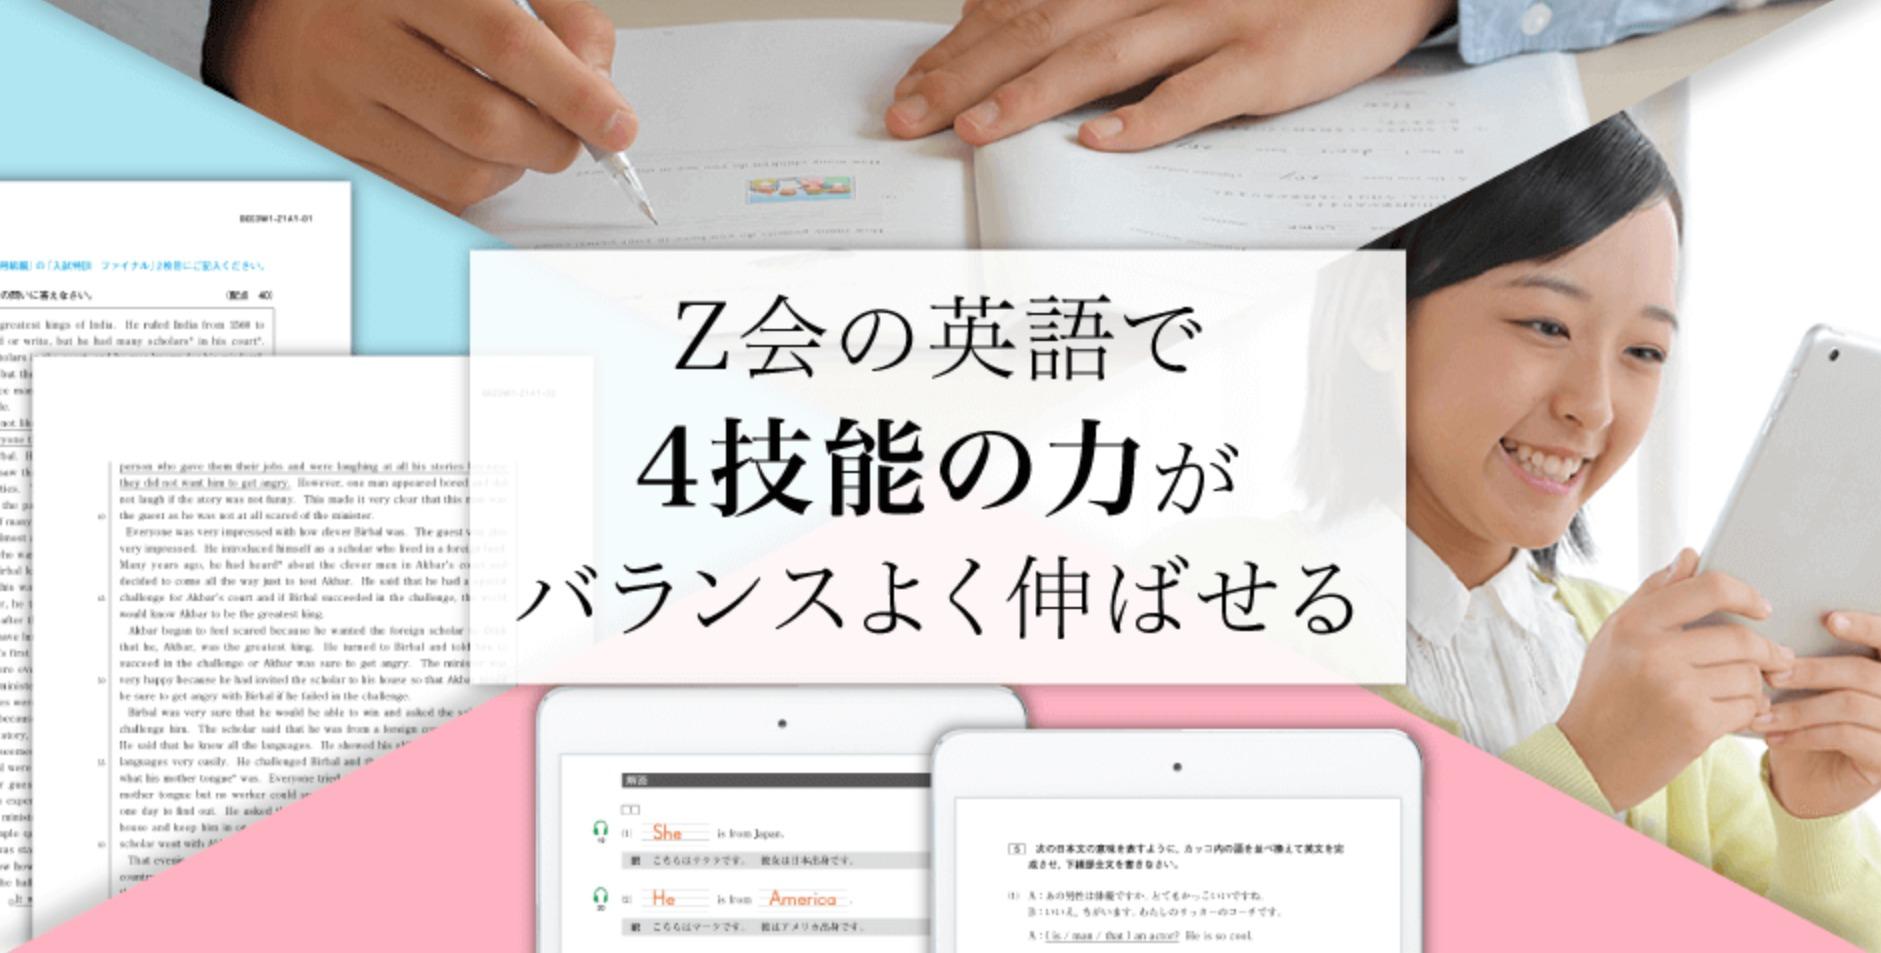 会 マイ ページ ログイン z